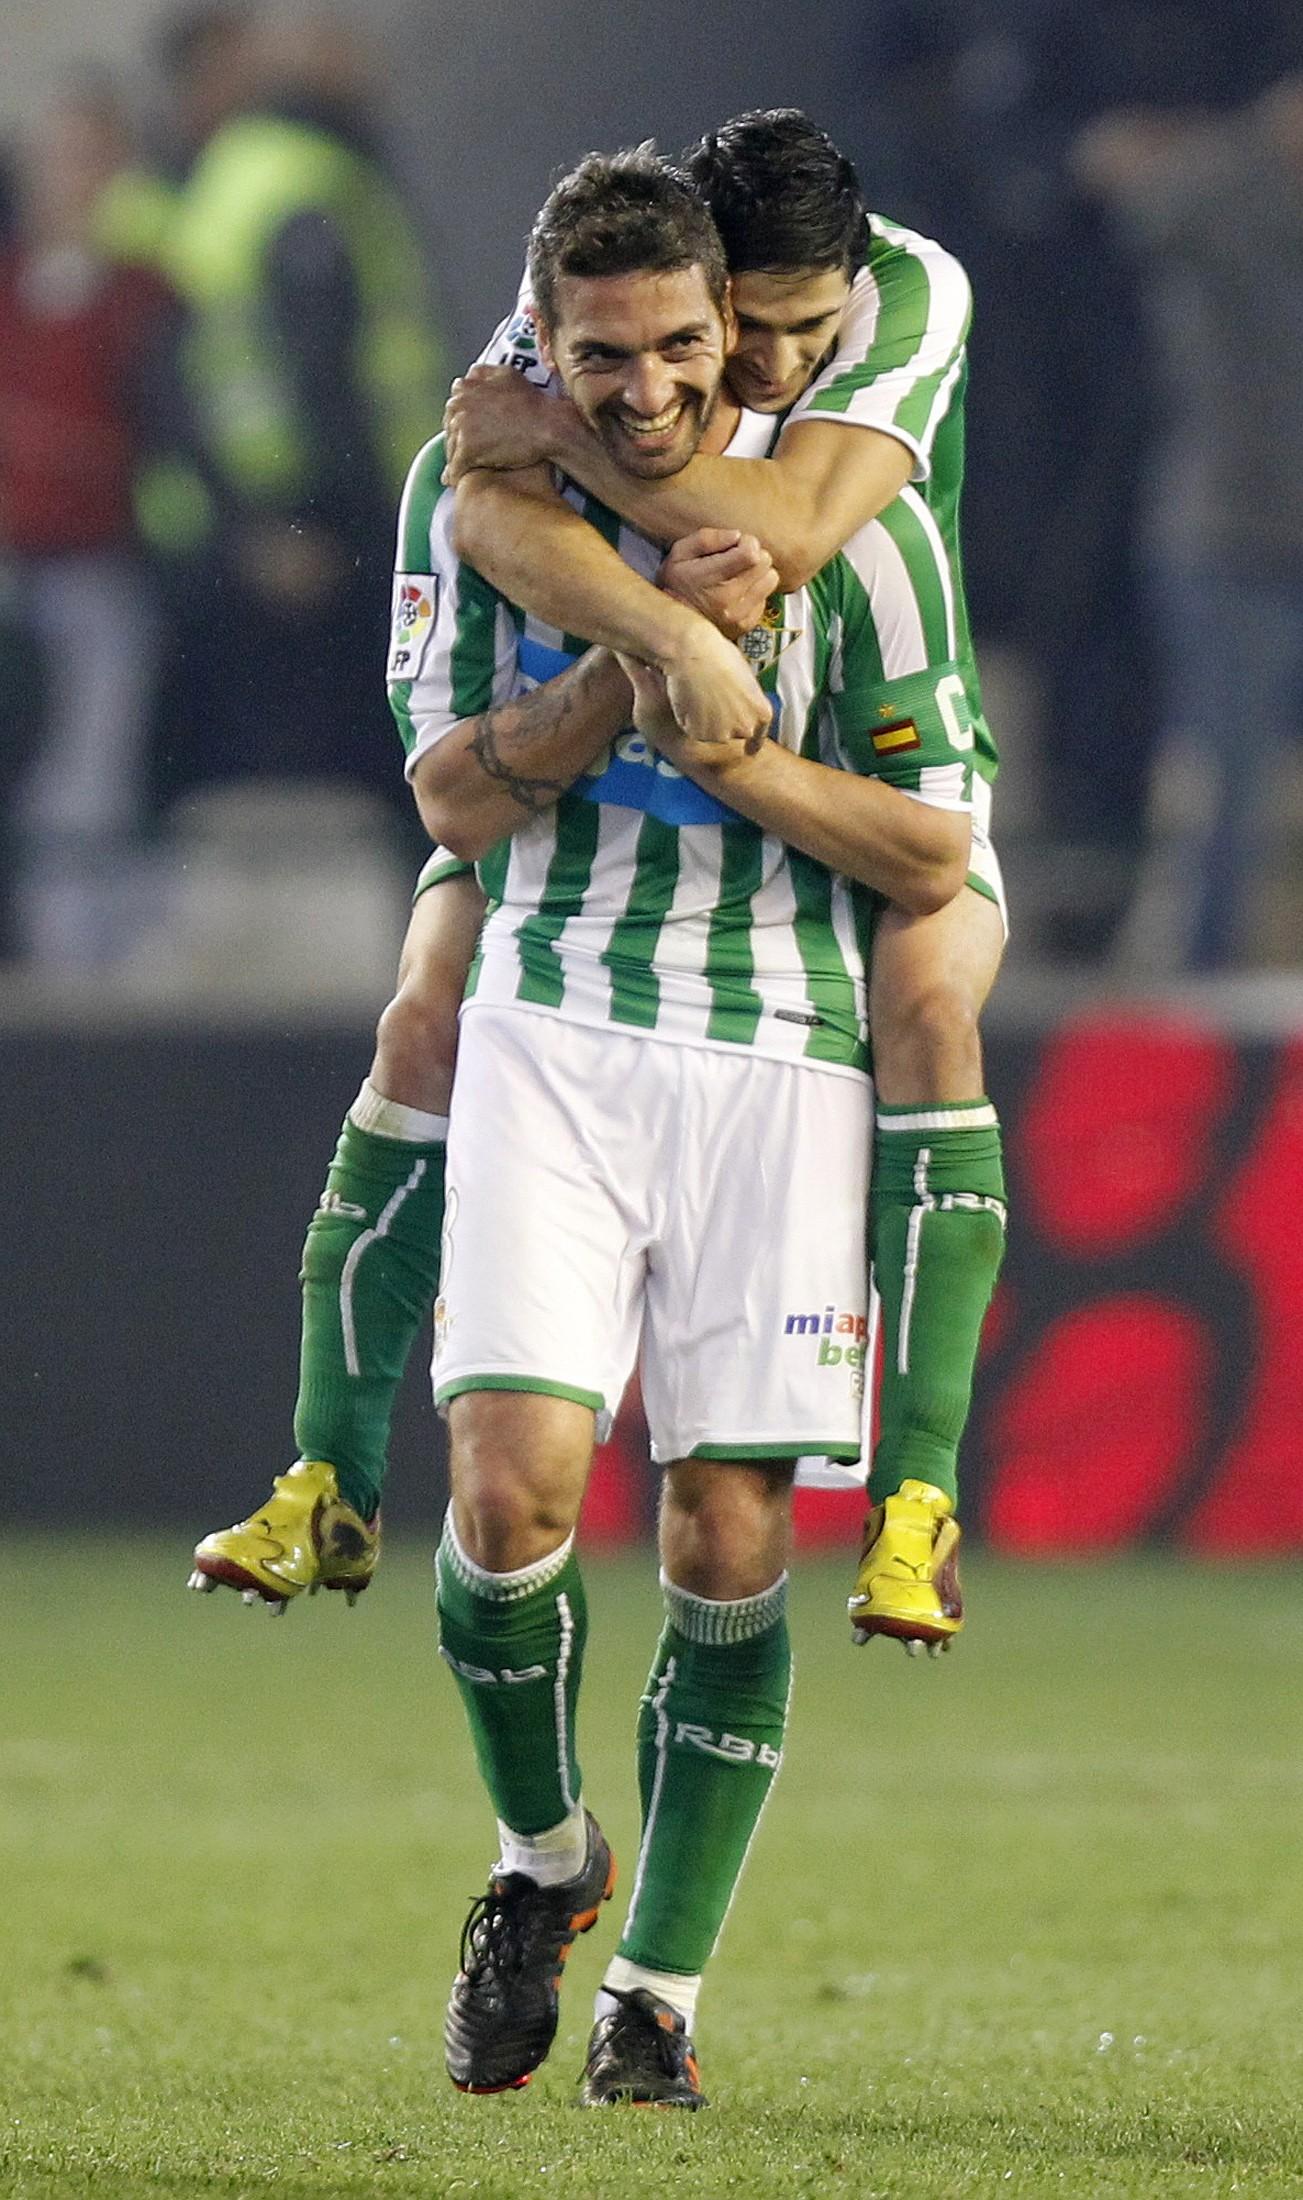 Pereira abraza a Arzu tras un gol del capitán bético ante el Barça (Archivo 20minutos).